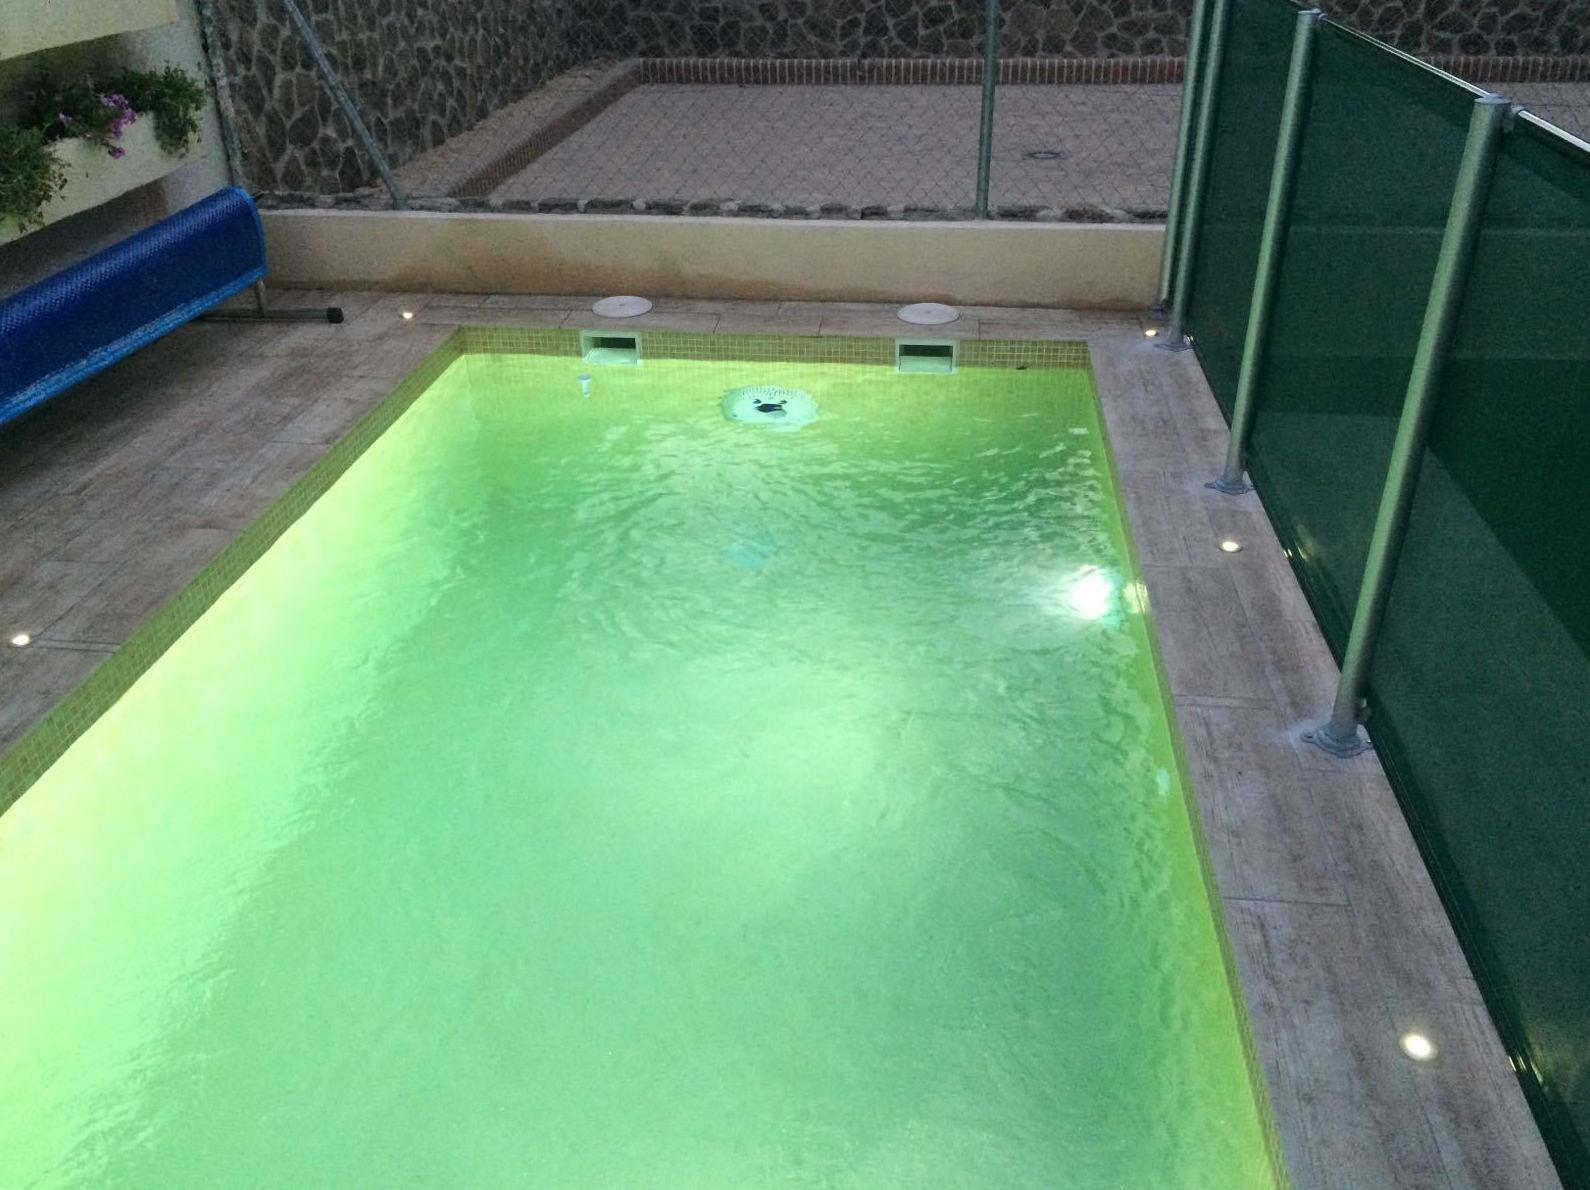 piscina 5x3 en madrid